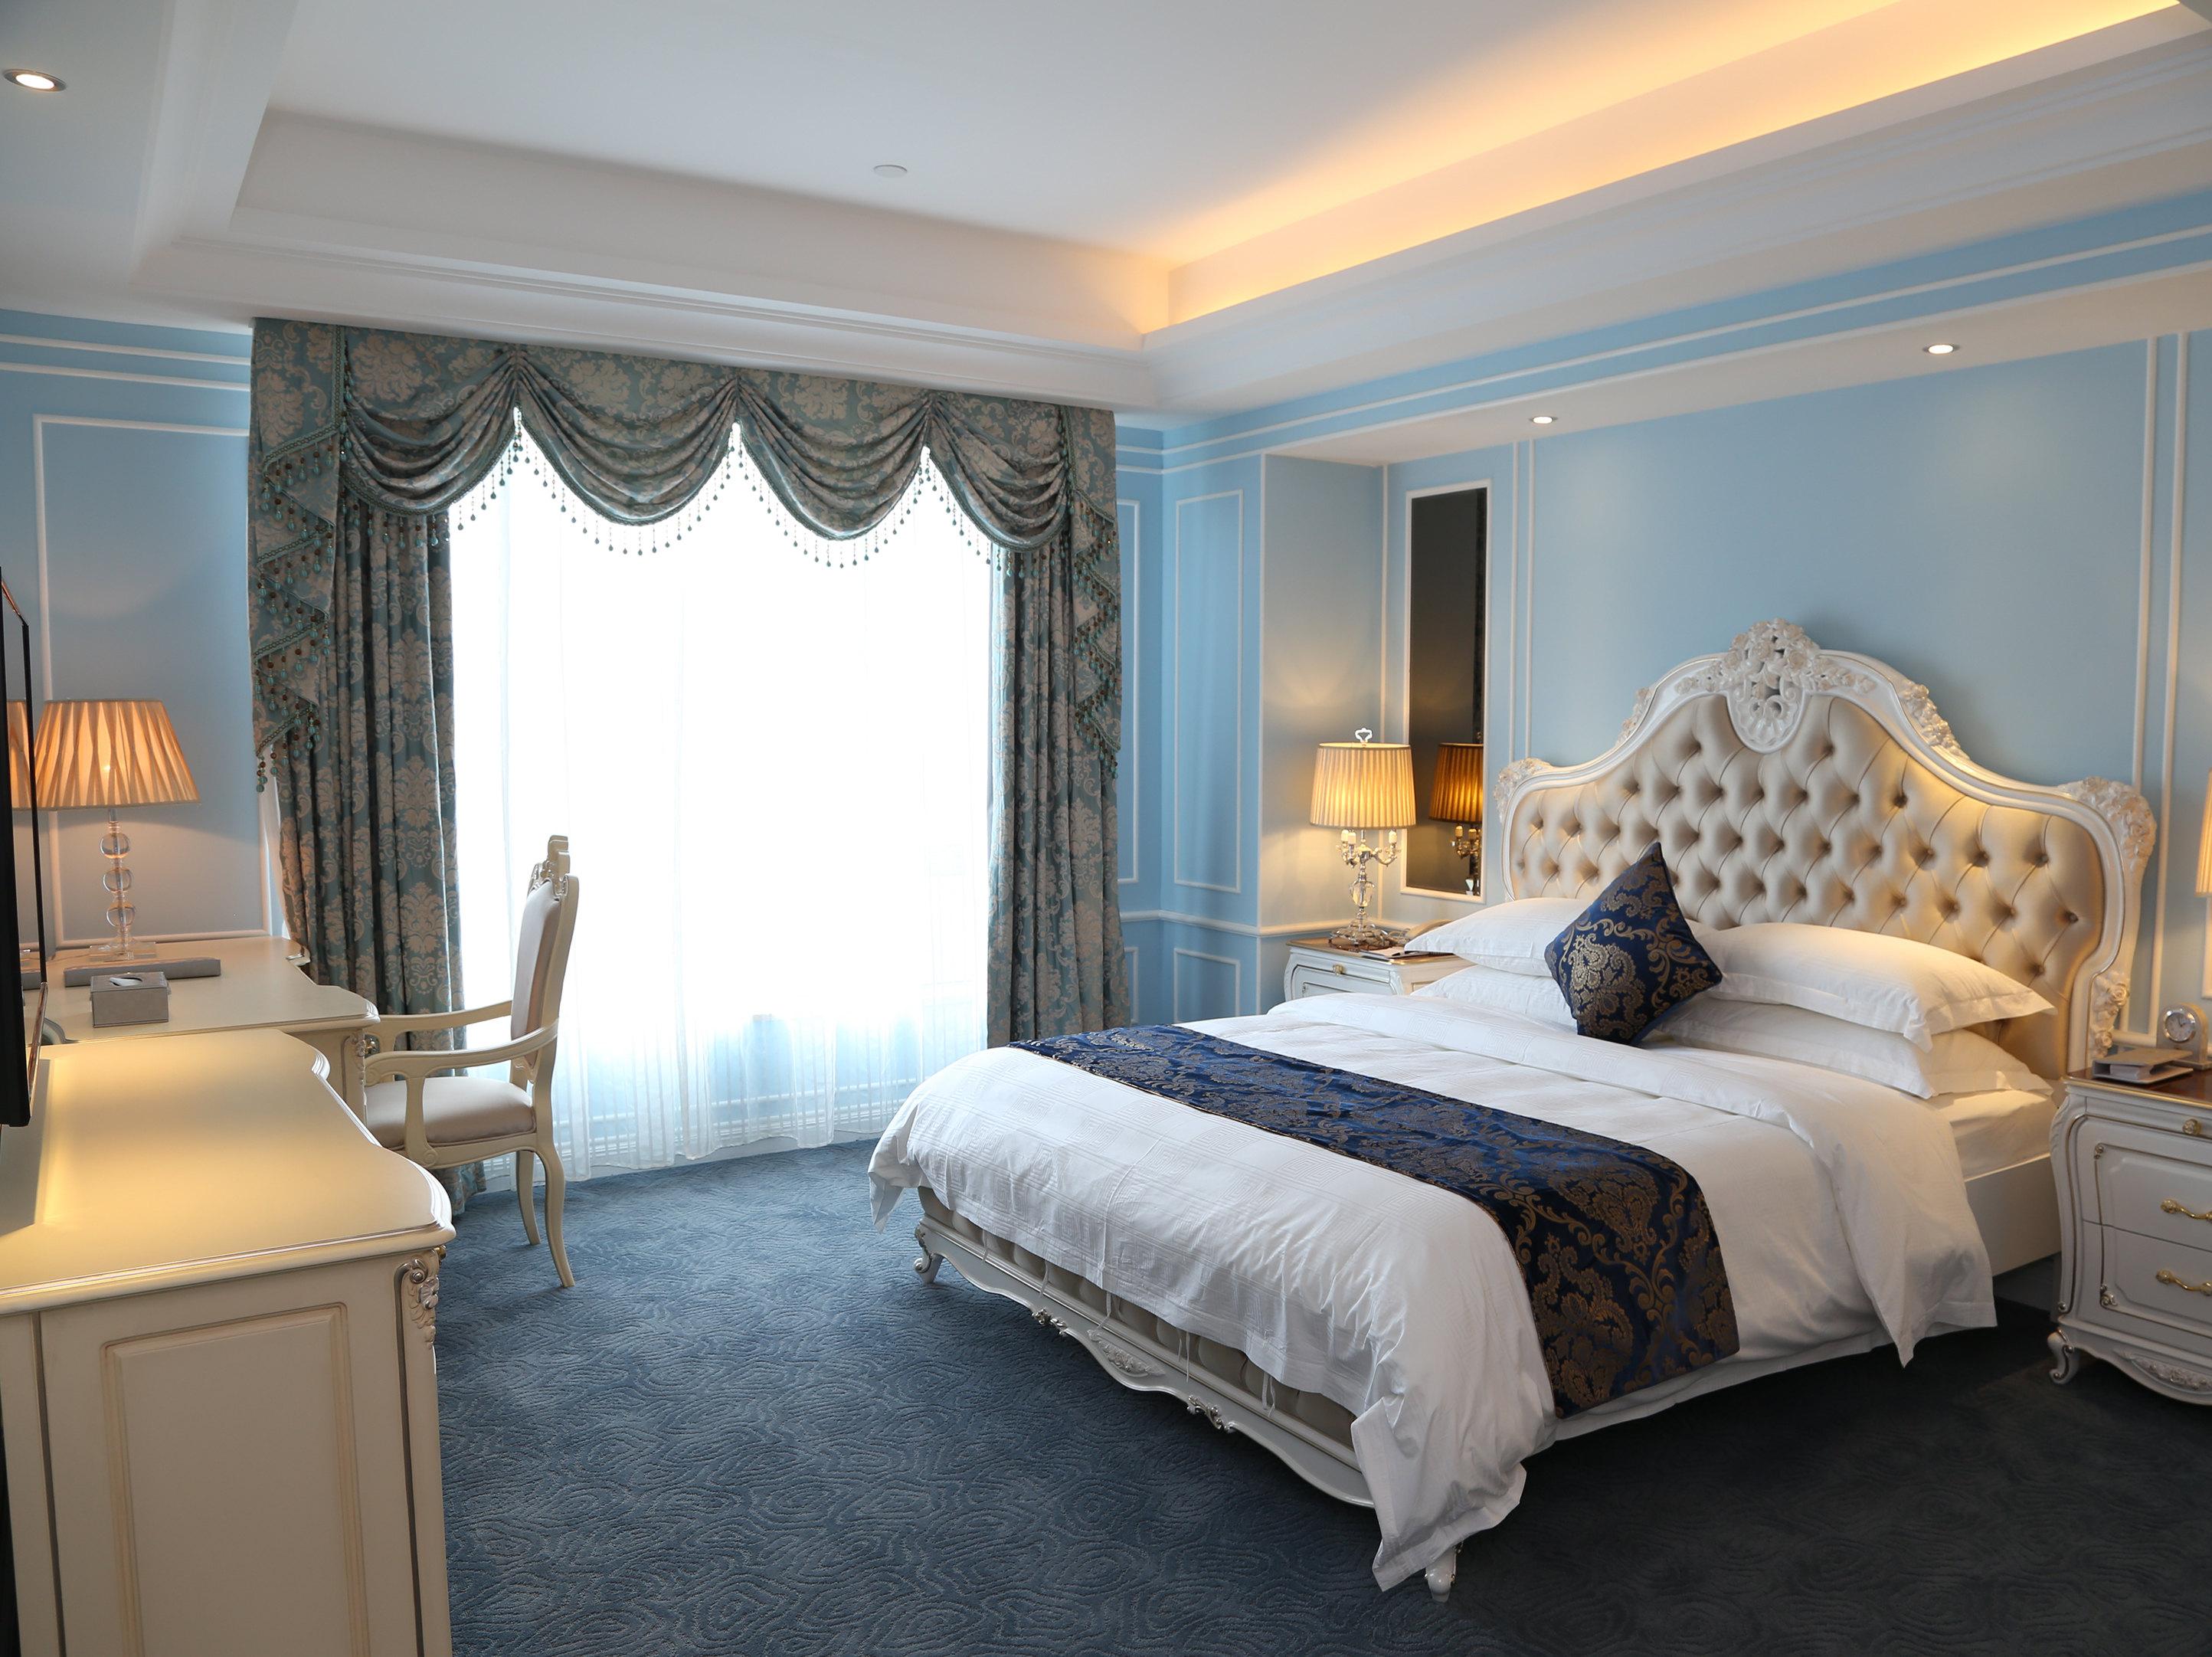 高档酒店背景素材